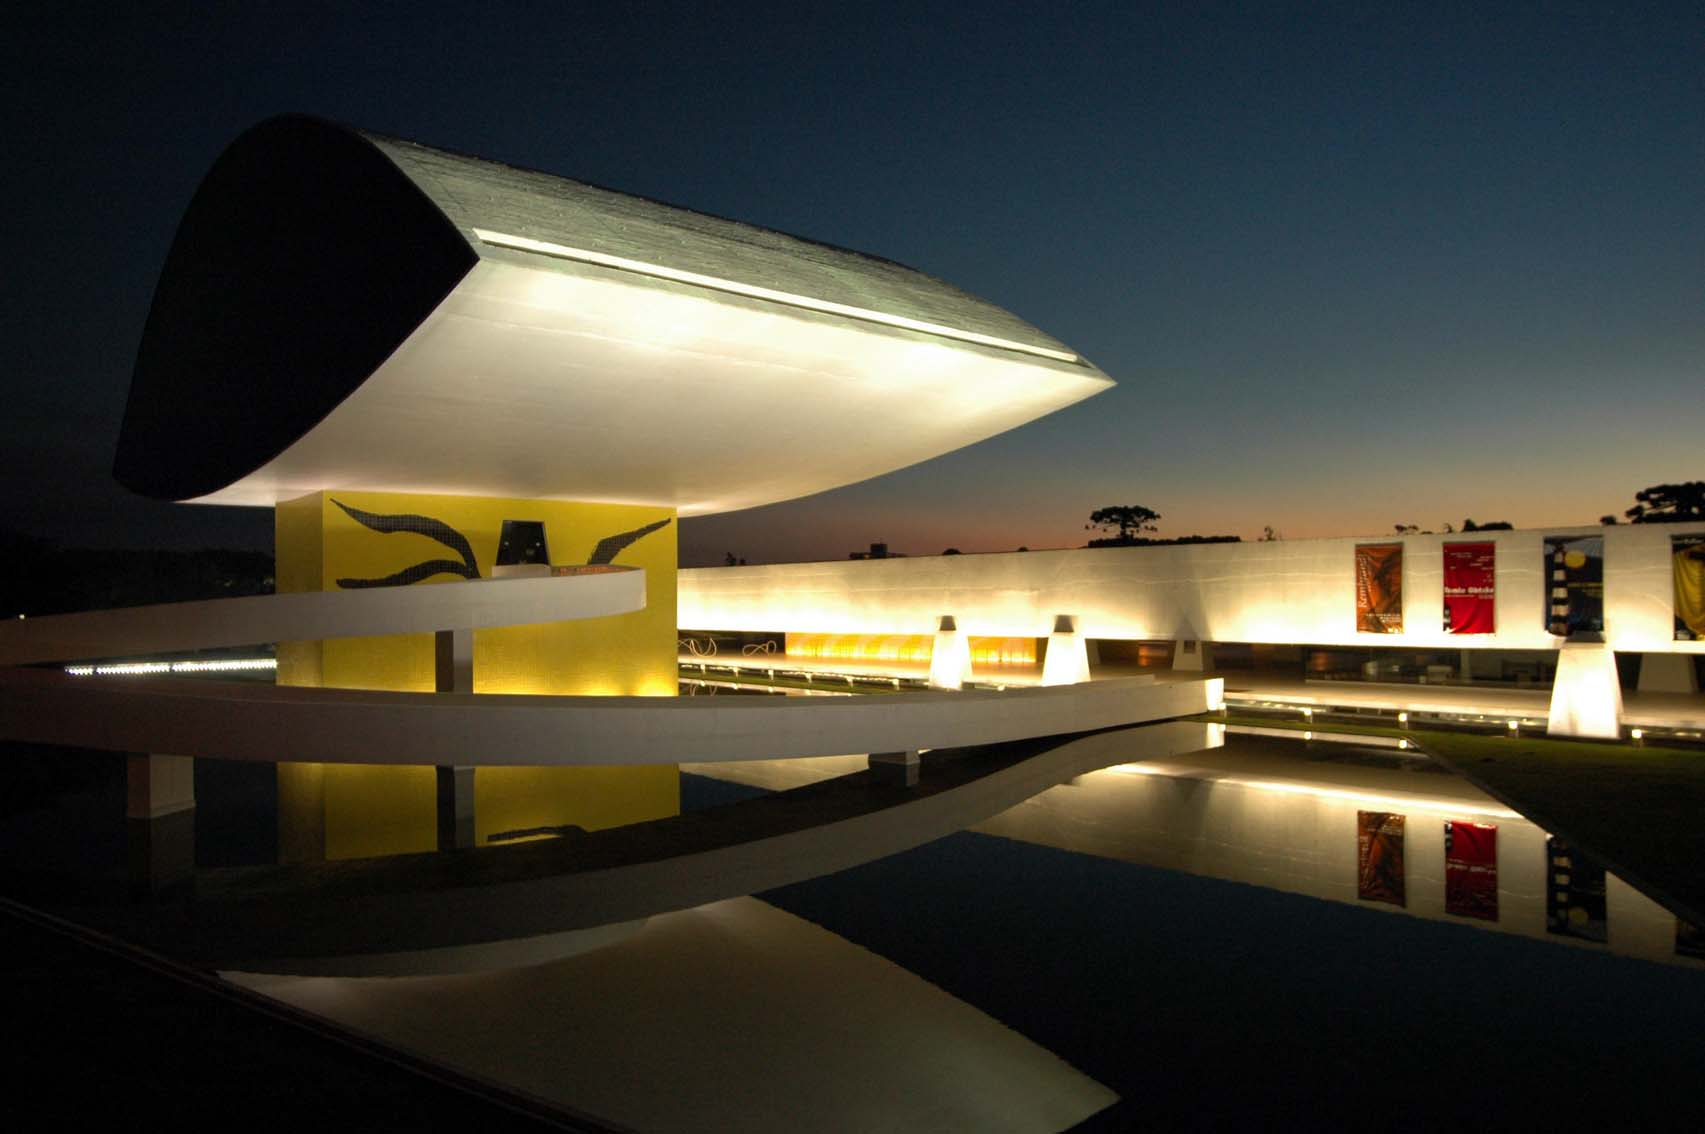 O festival ocorre no Salão de Eventos do museu, um dos principais cartões-portais de Curitiba (Foto: Divulgação)